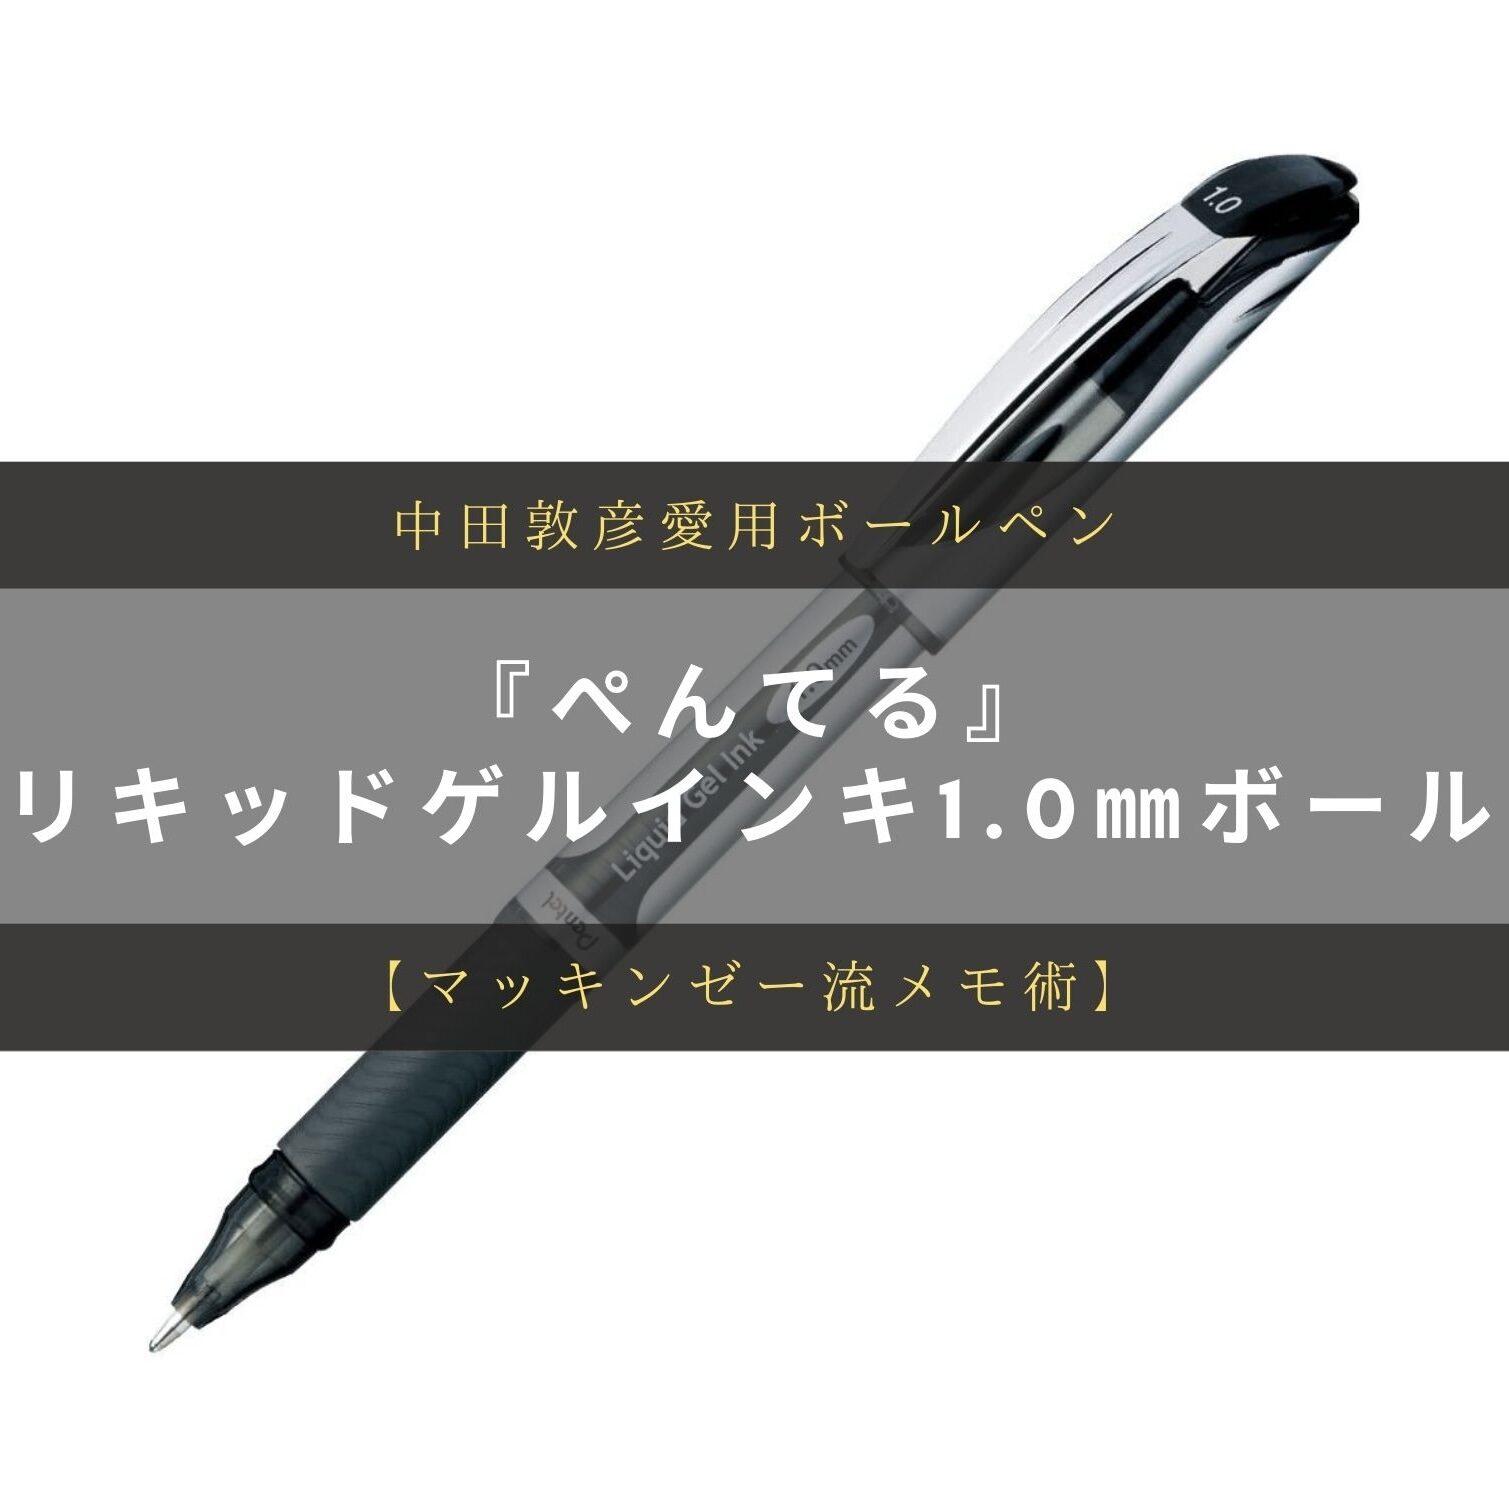 中田敦彦愛用ボールペン:ぺんてるリキッドゲルインキ1.0㎜ボール